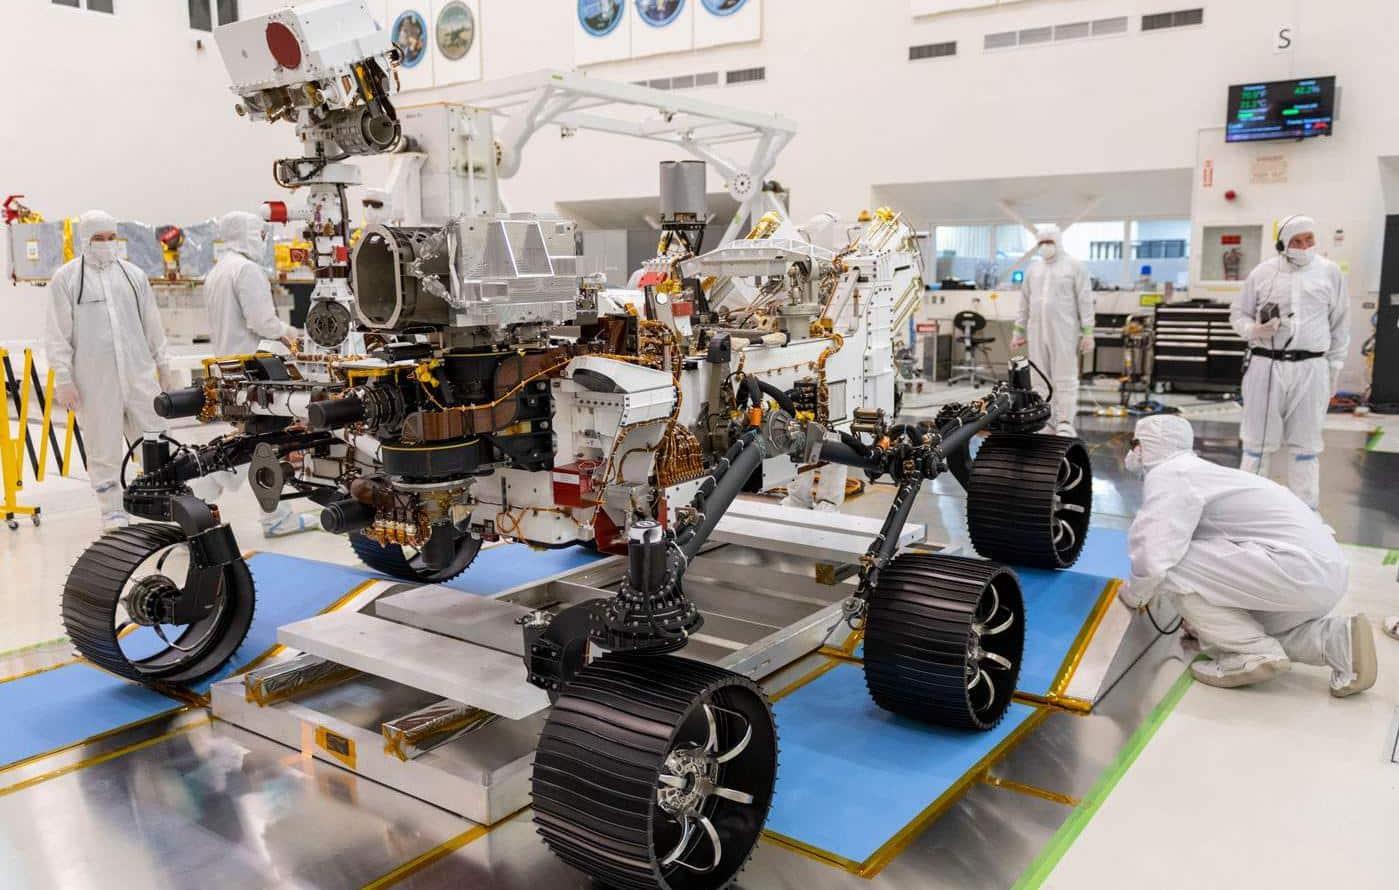 L'image montre le rover Perseverance en cours de préparation par des techniciens dans un laboratoire de la NASA